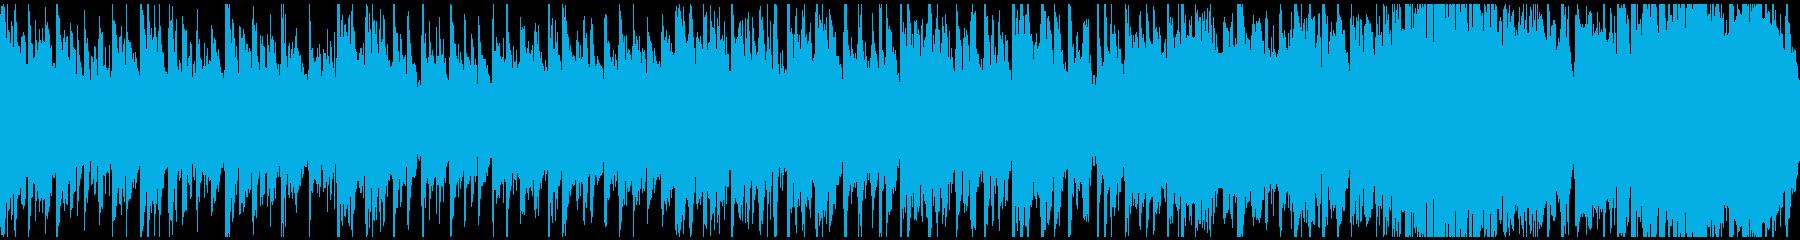 鐘のような音色の幻想的なエレクトロニカの再生済みの波形